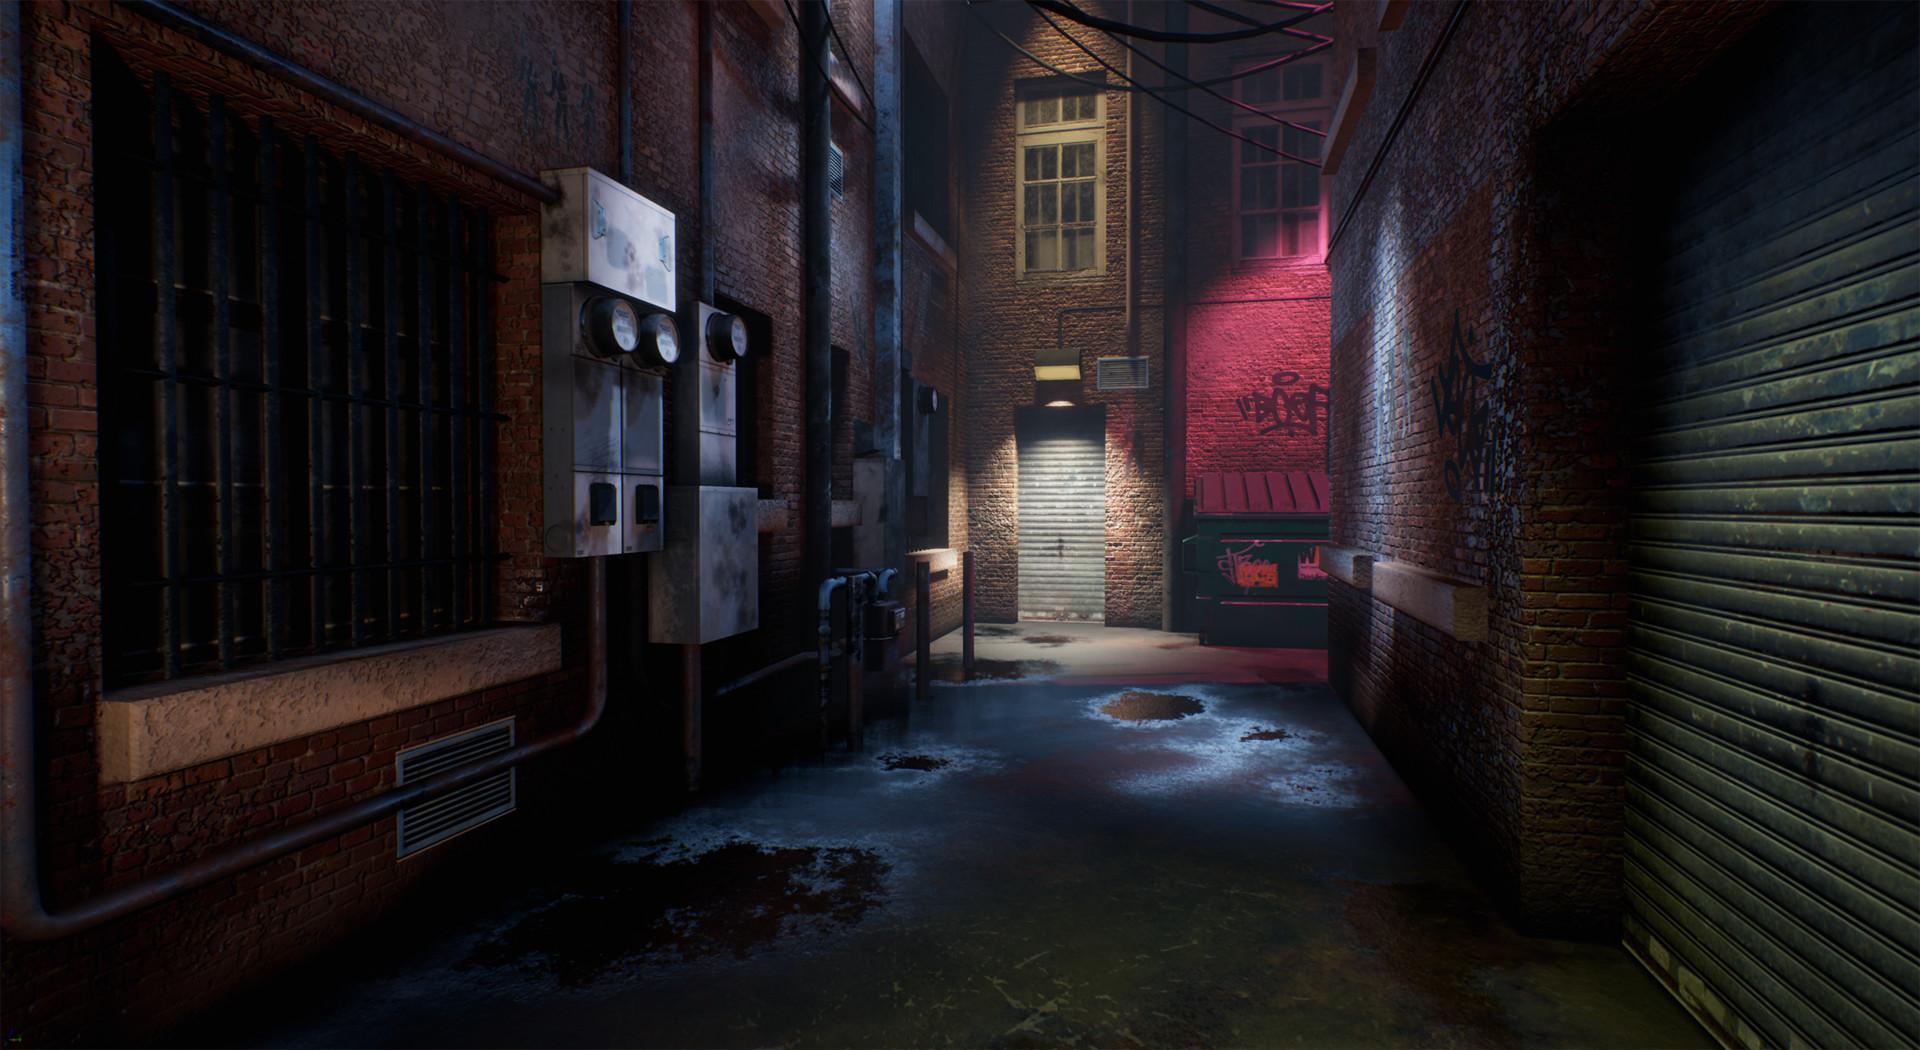 Gabriela Escamilla - Night Alleyway